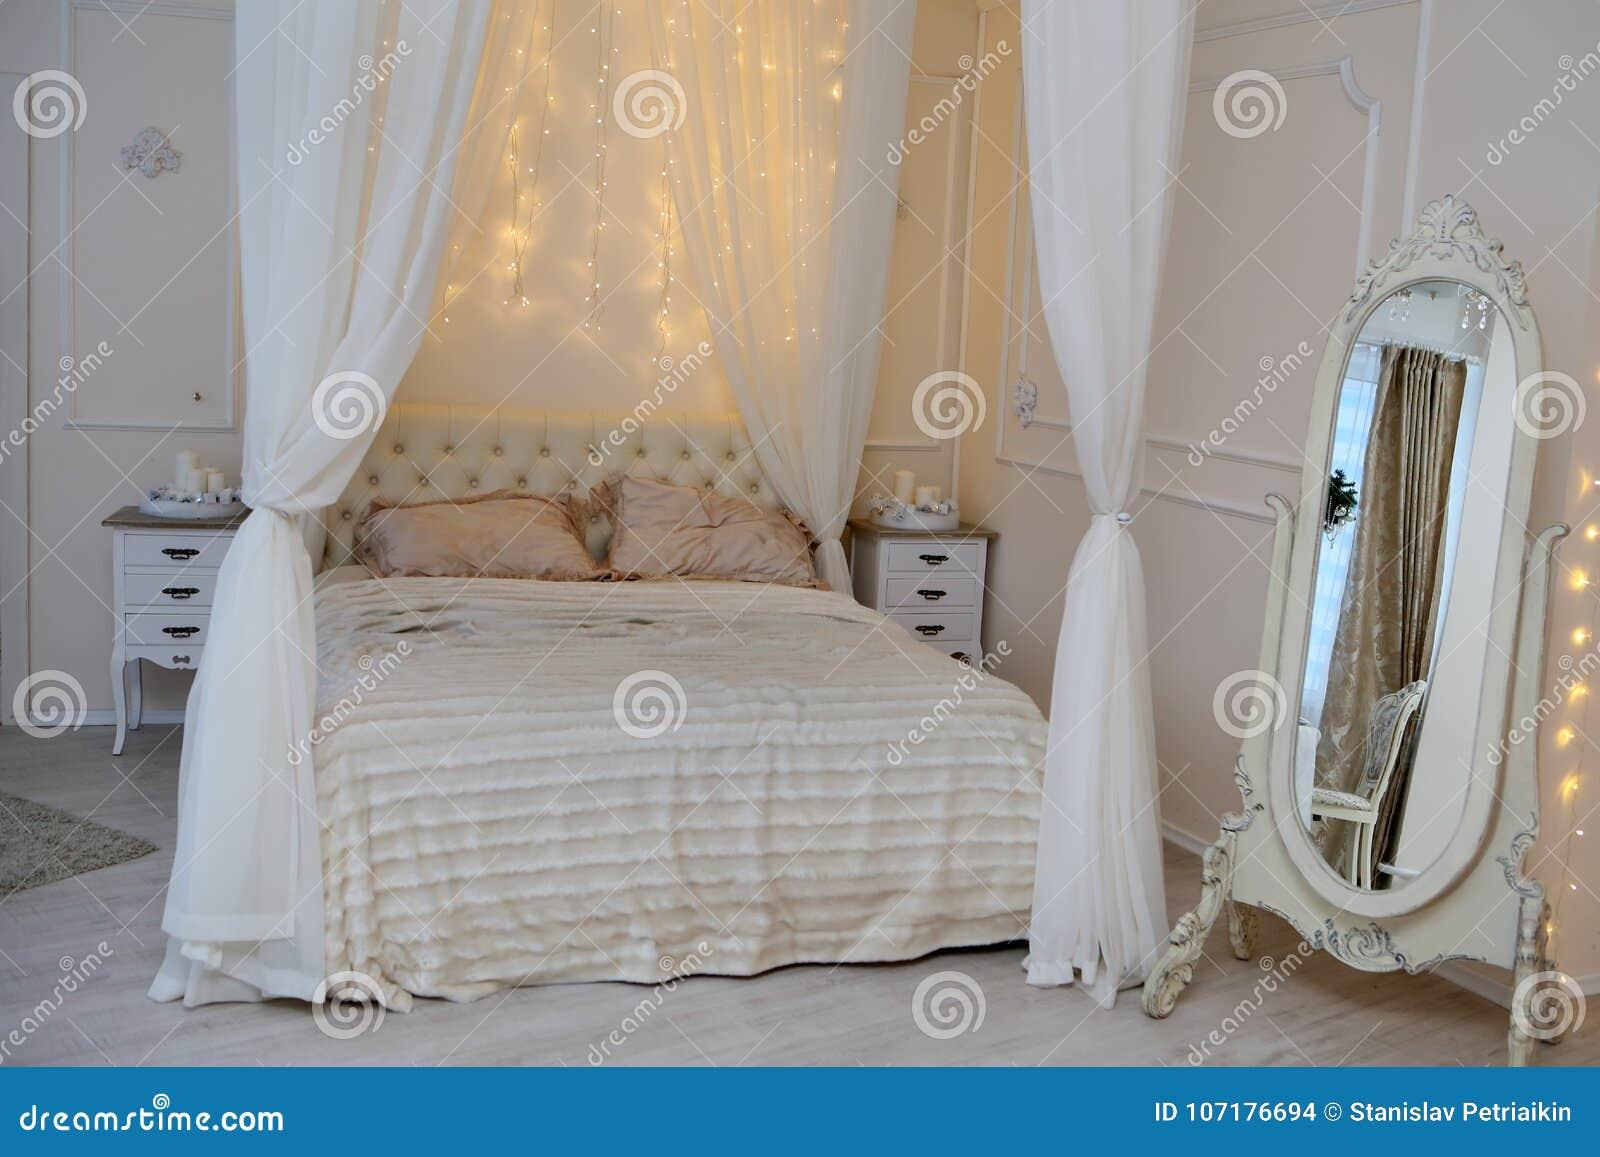 Weißes Bett Und Glänzende Lichter Im Schlafzimmer Stockfoto - Bild ...